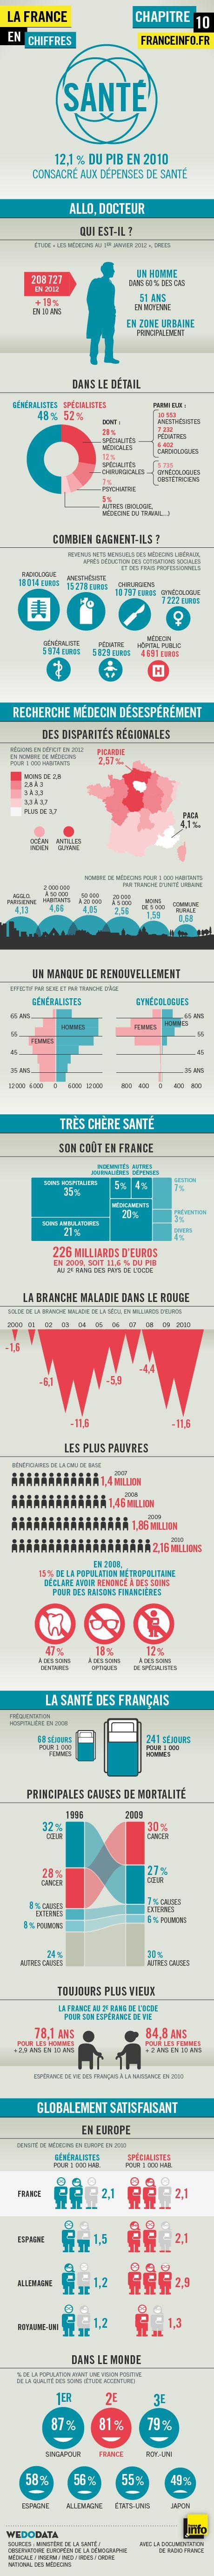 Infographies | La France en chiffres : la santé - Politique - France Info